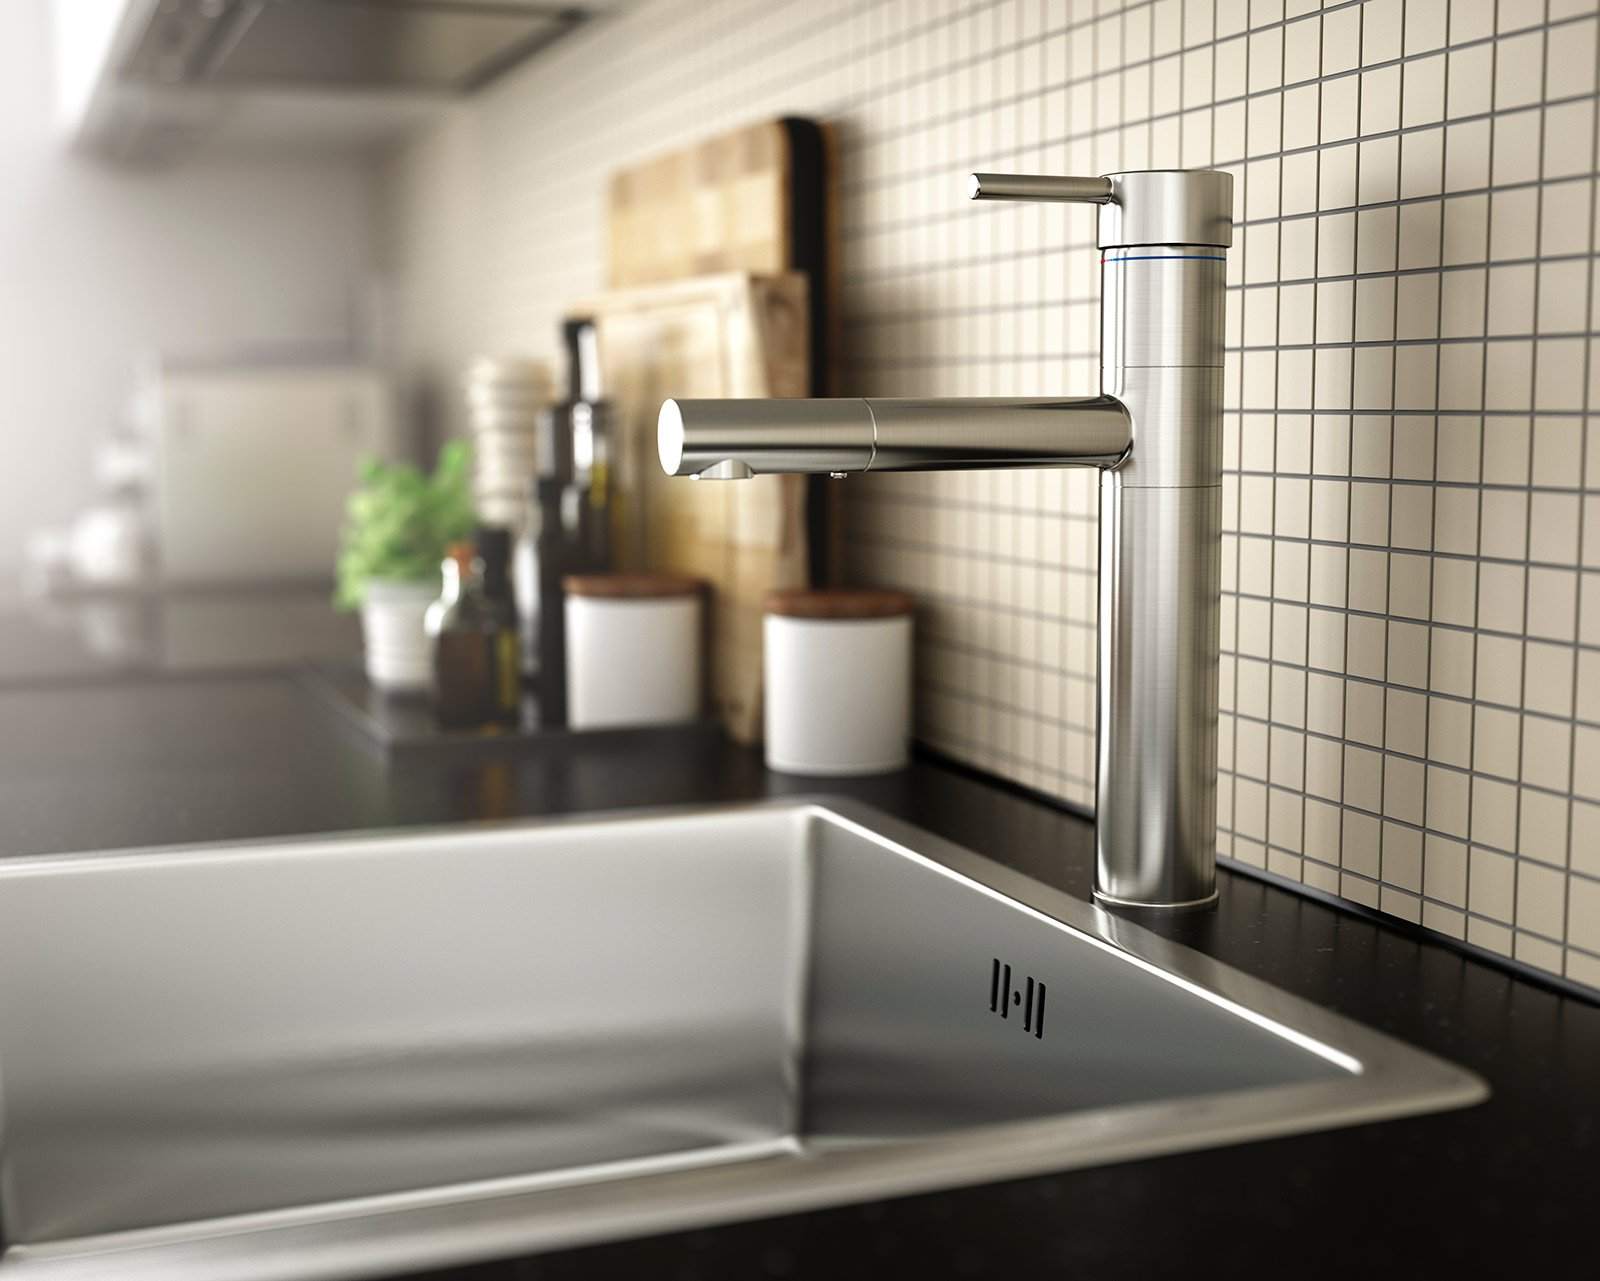 Best Ikea Lavelli Per Cucina Images - Ideas & Design 2017 ...